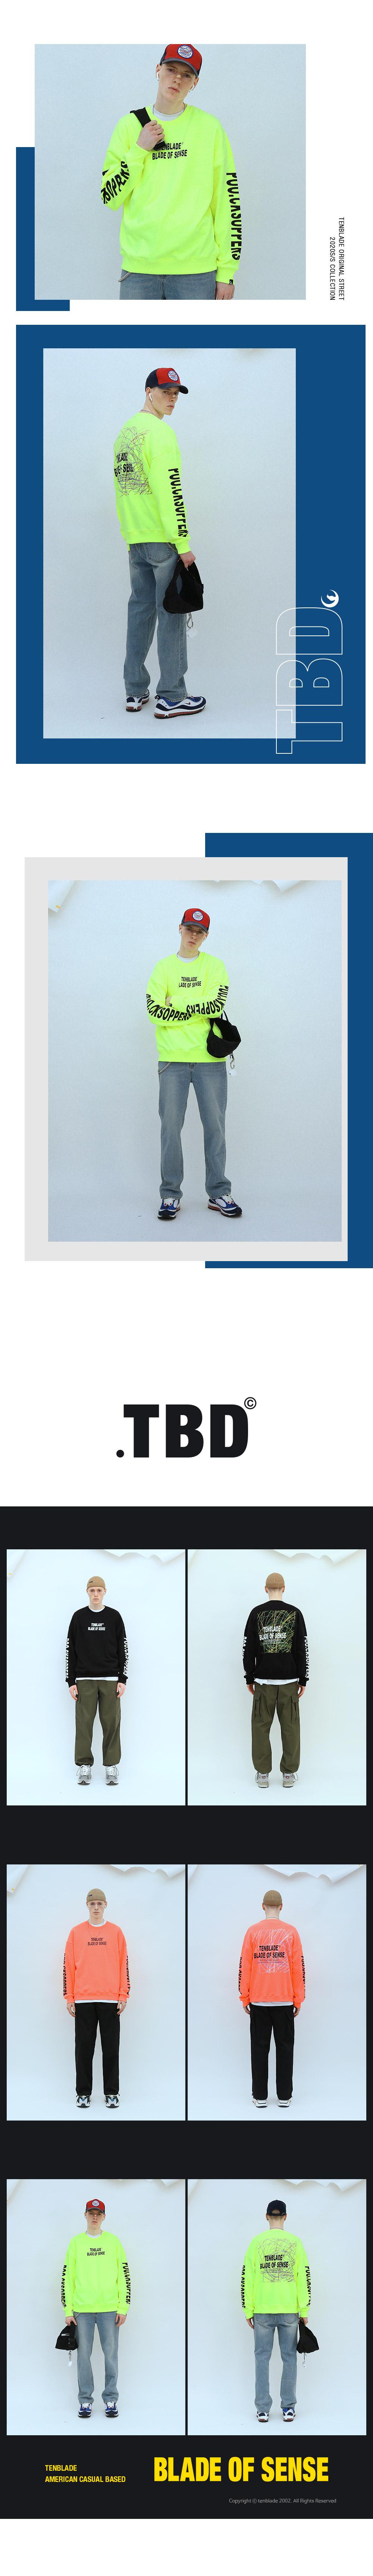 tbj204mm-3color-05.jpg